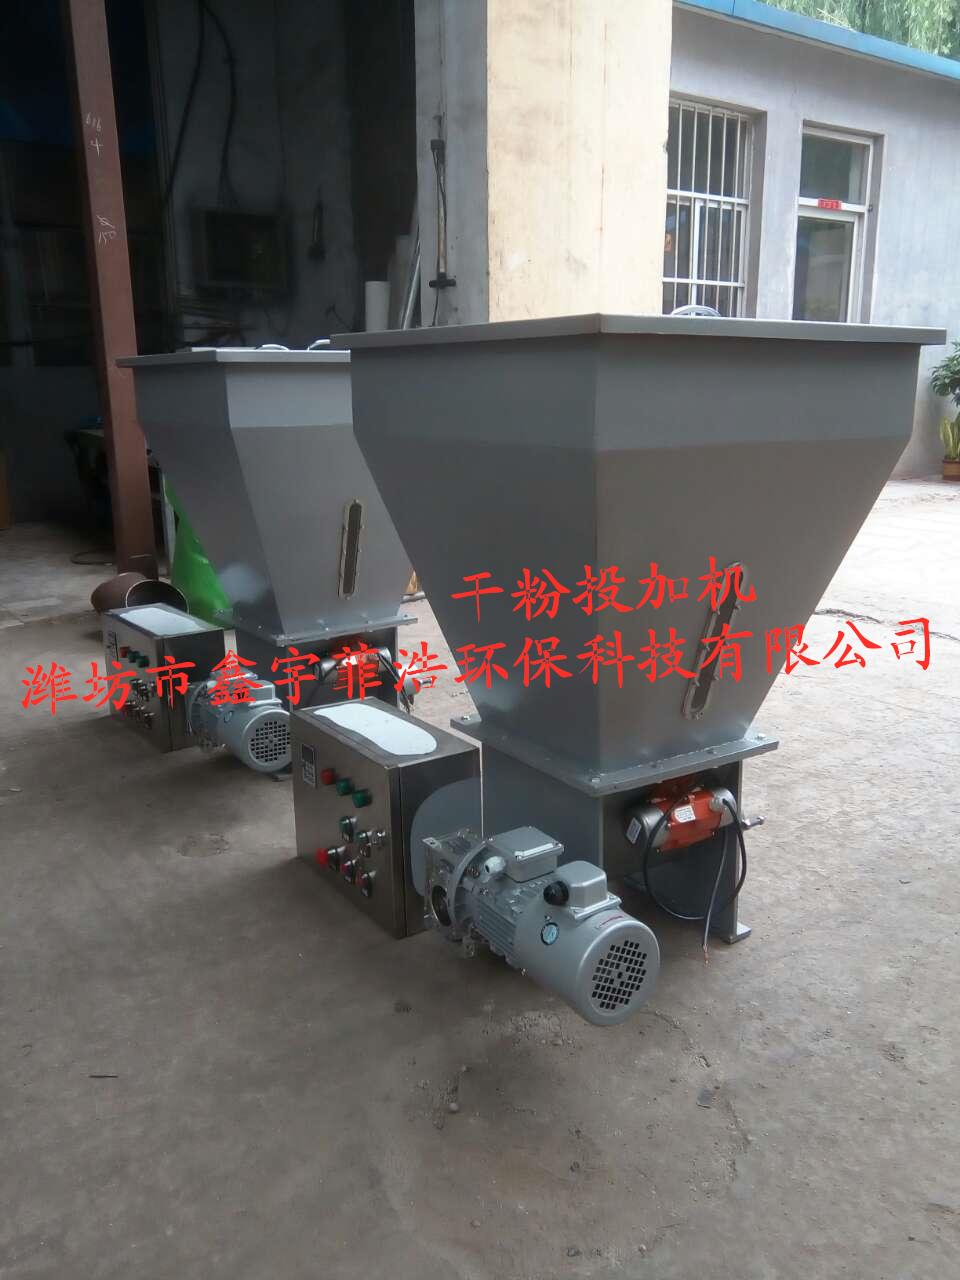 鑫宇菲浩微型螺旋干粉喂料机/XYTJ-5=30型干粉定量投加机